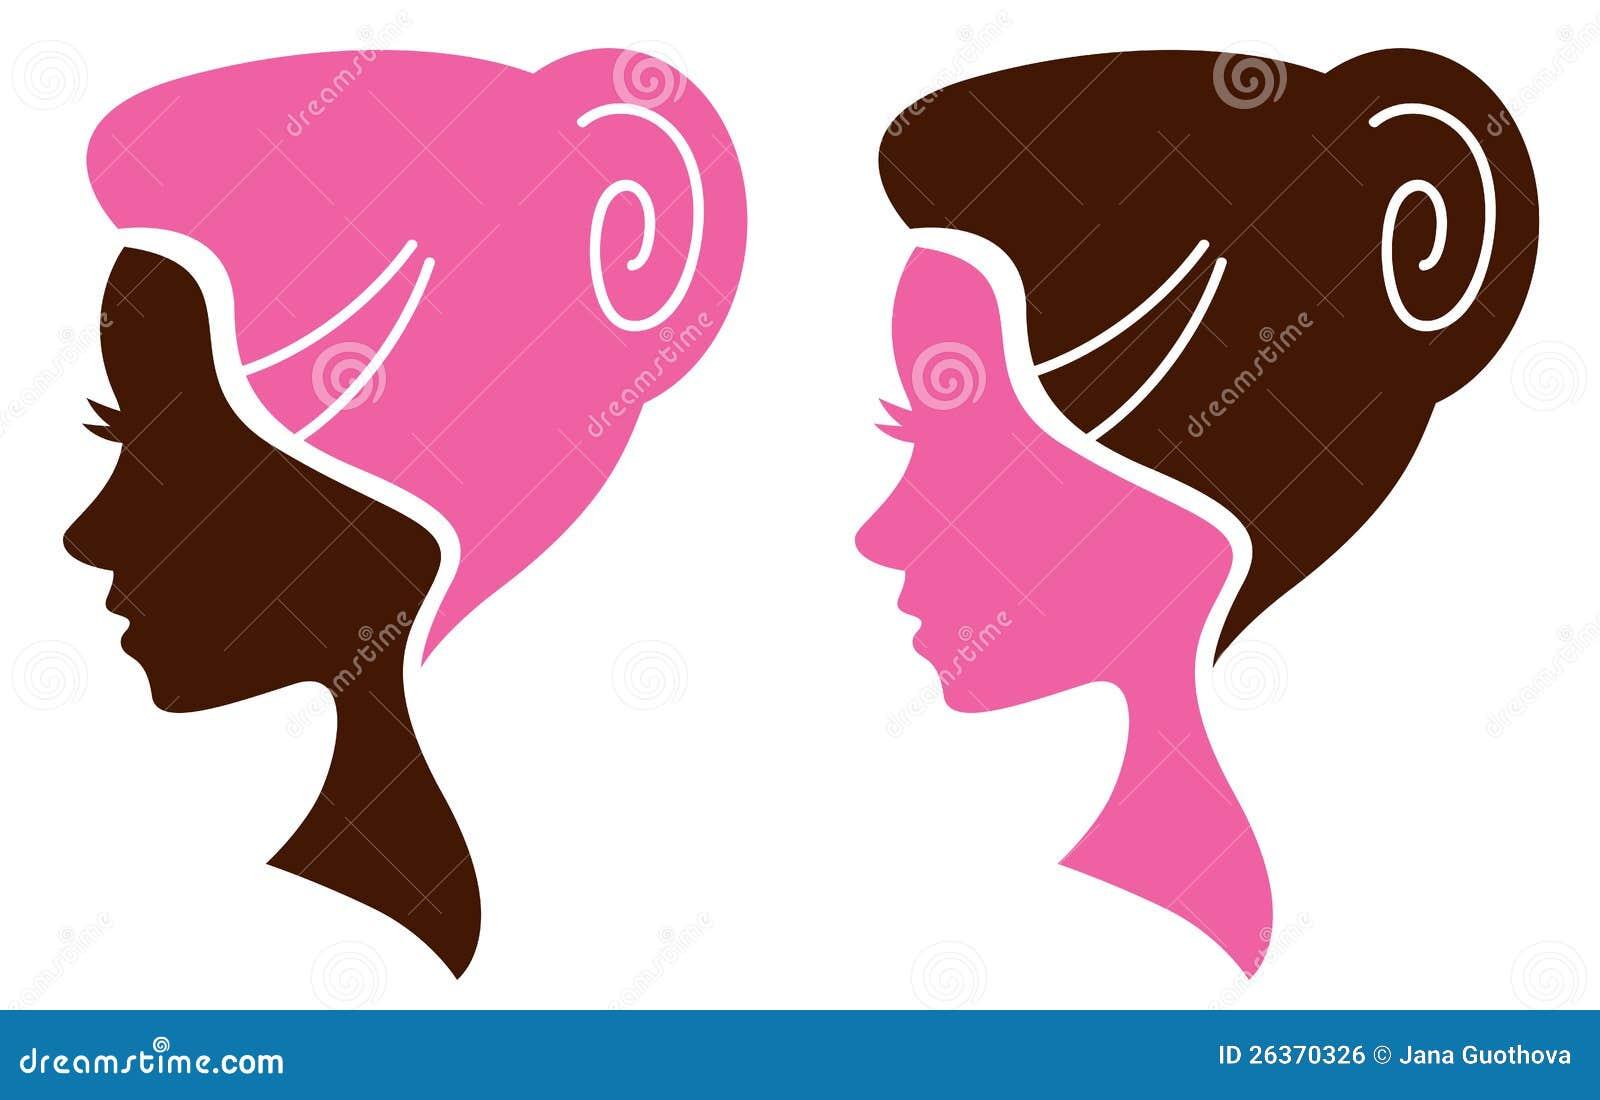 Frauengesichtsschattenbild eingestellt - Rosa und Braun